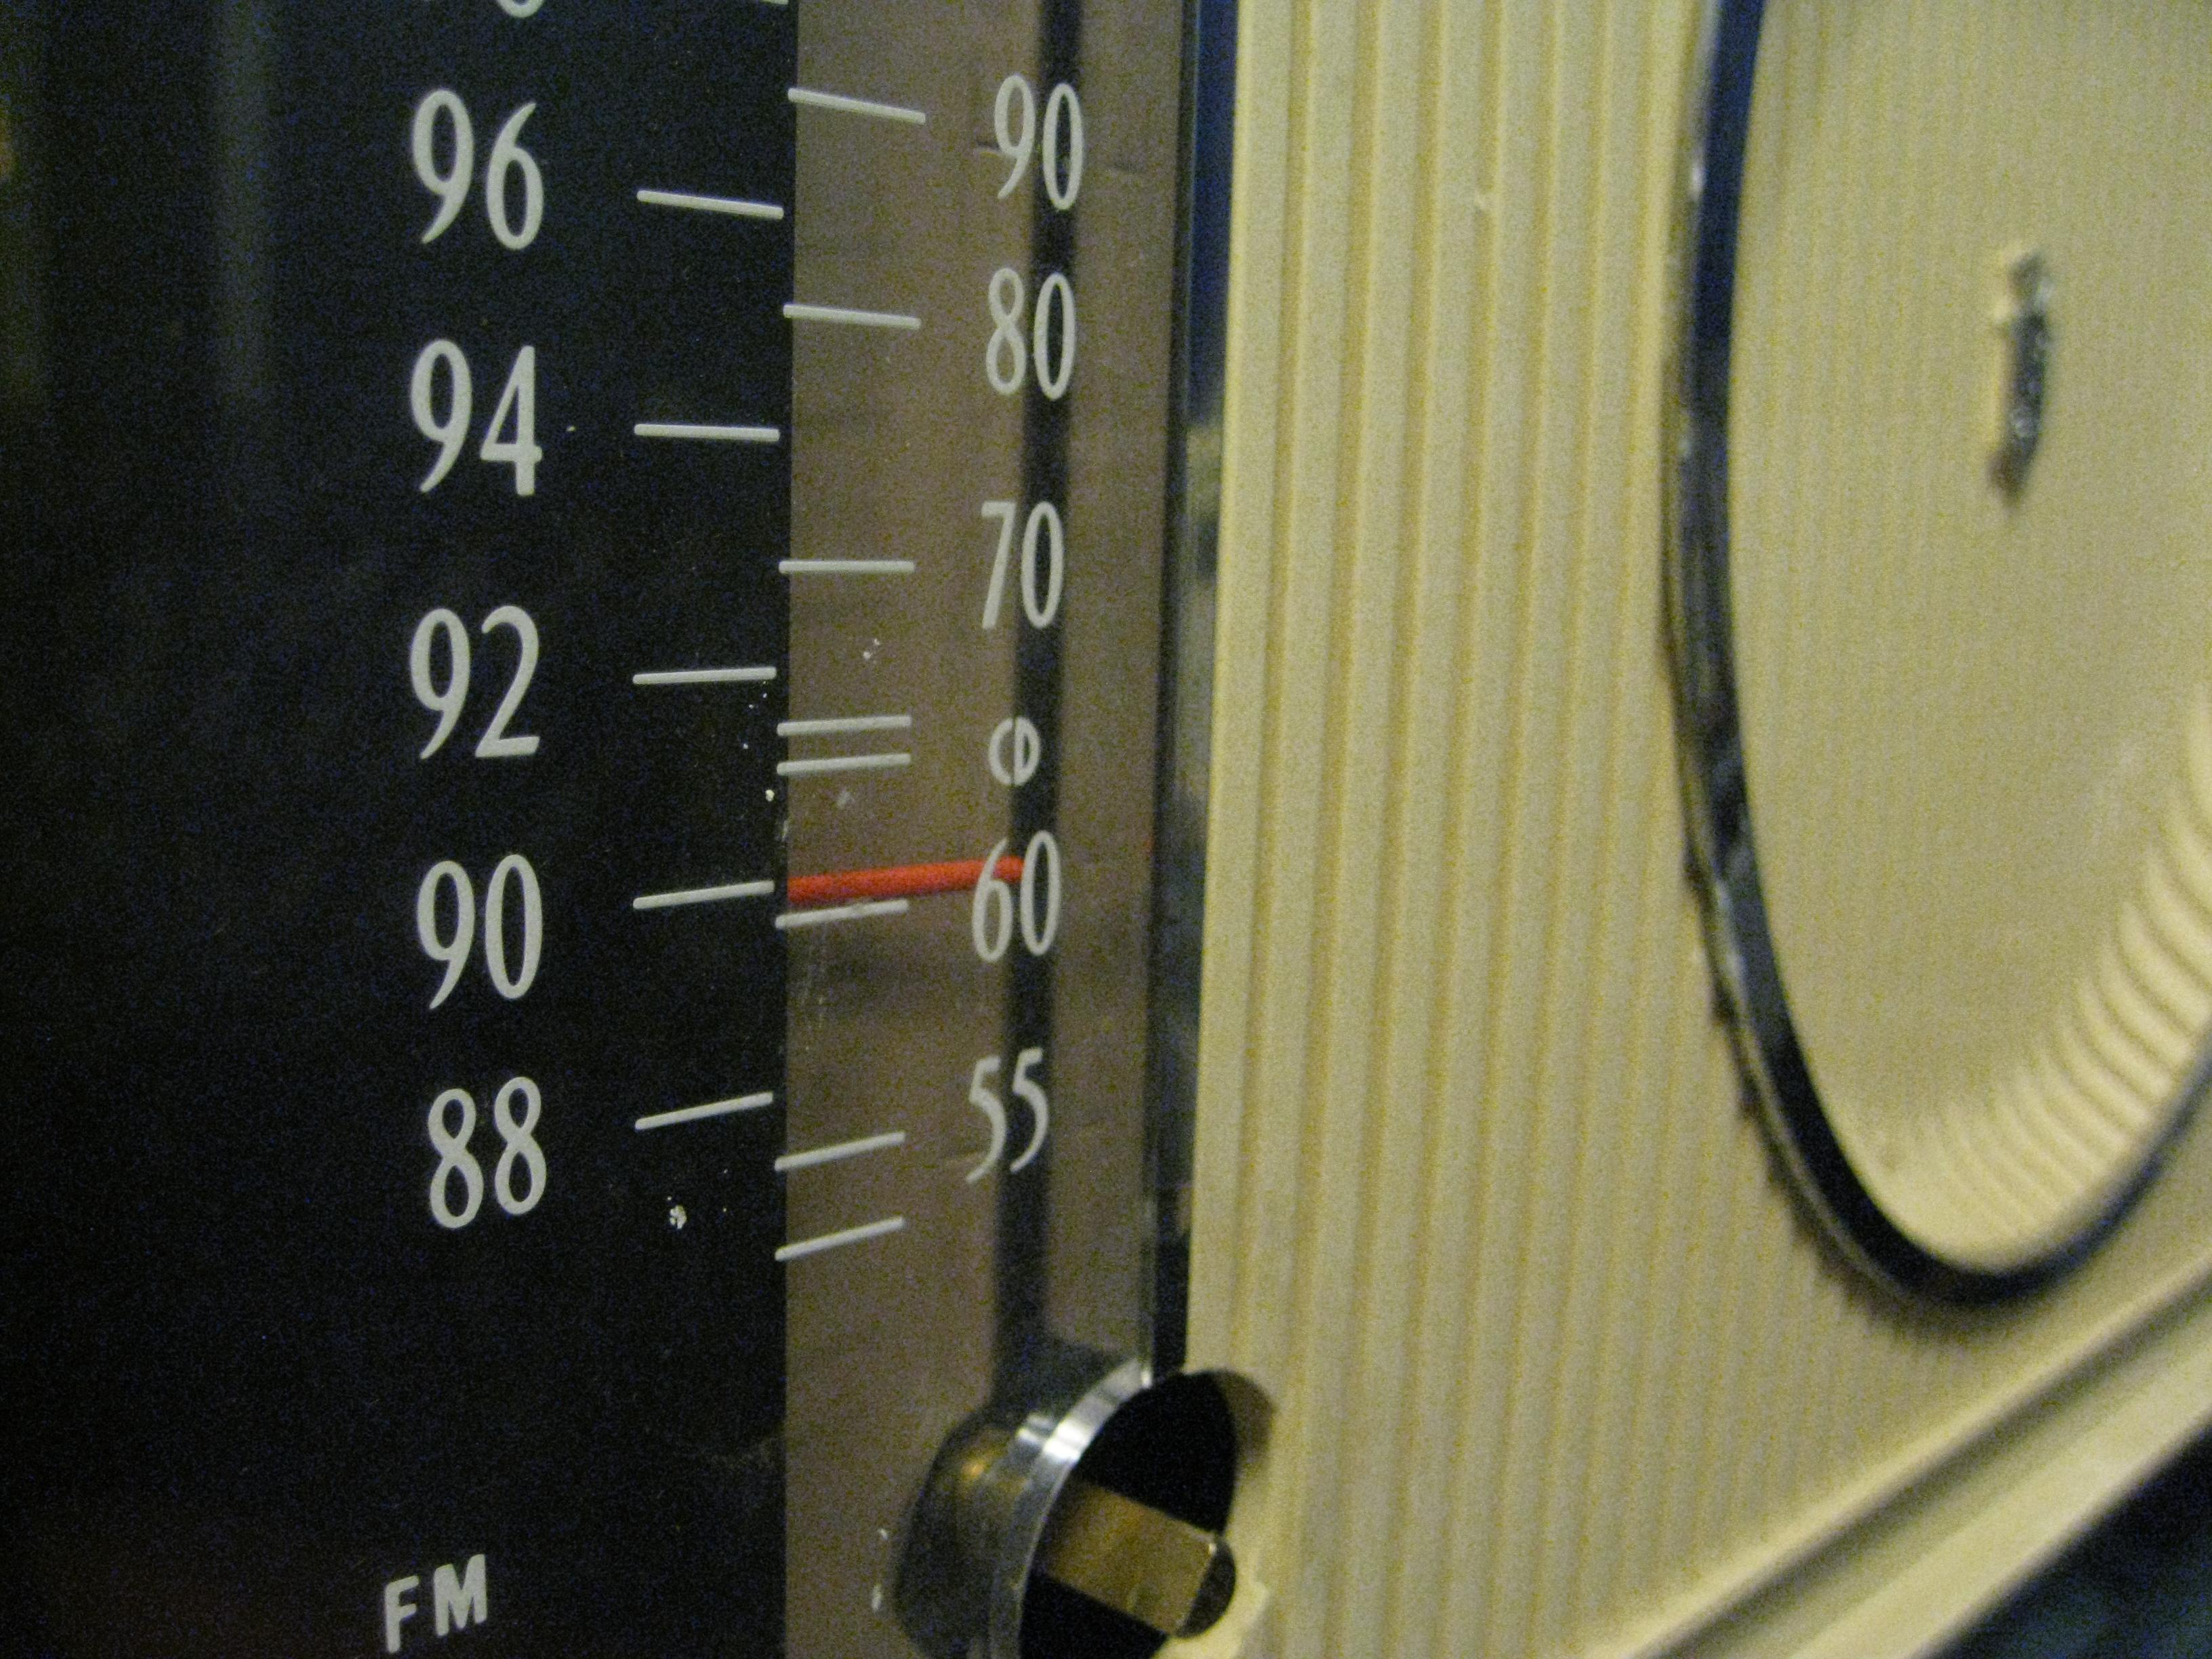 Fix a vintage radio tuner string